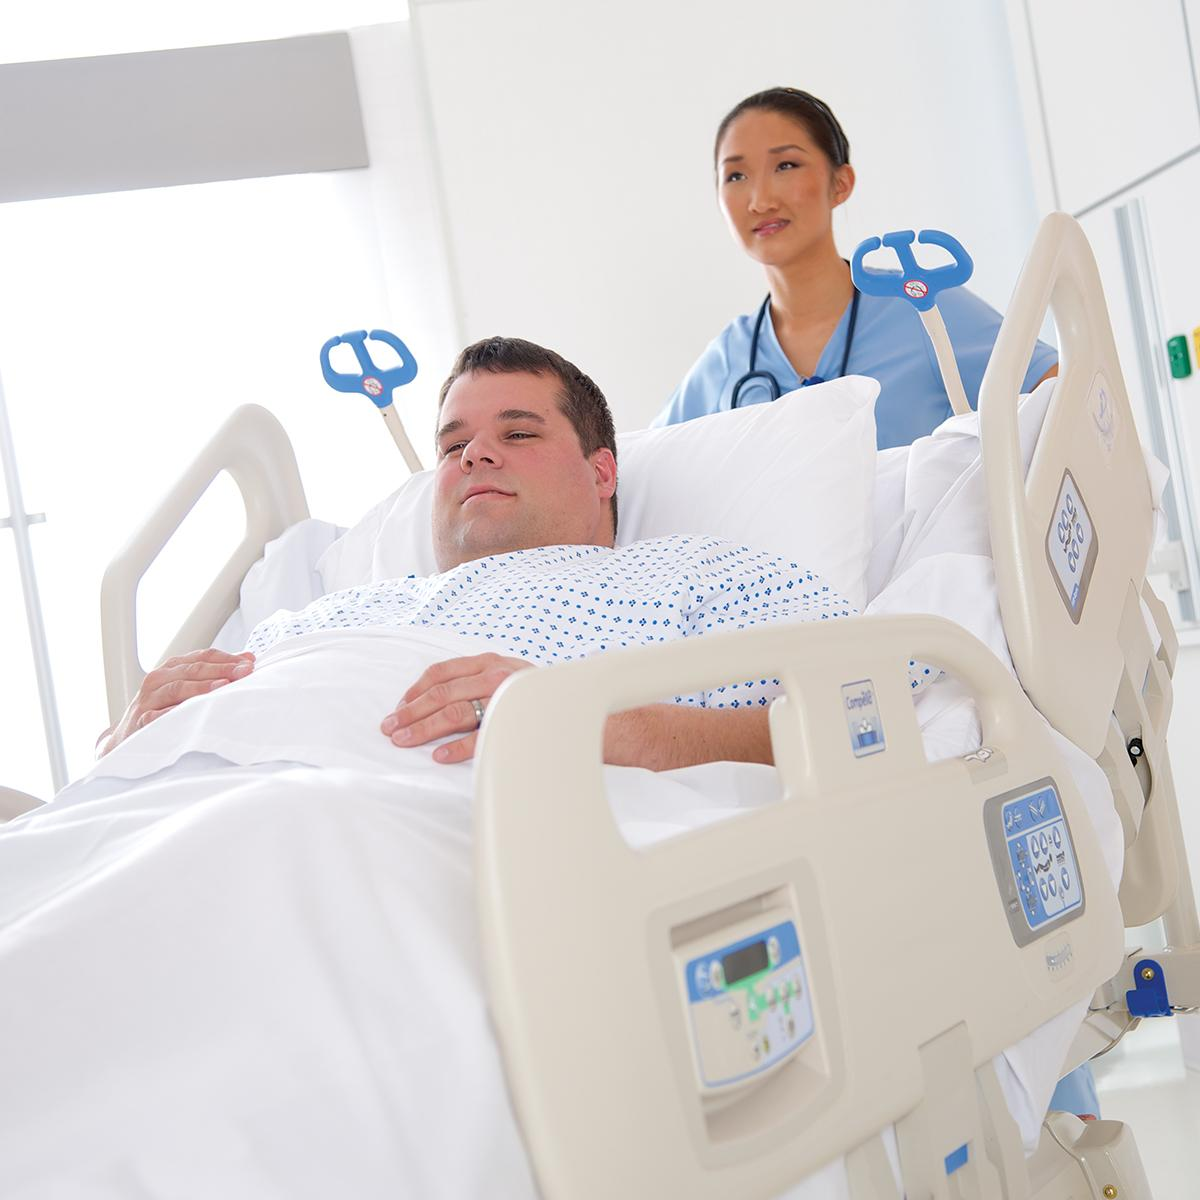 Une soignante détendue ne se fatigue pas en poussant un lit bariatrique Compella, dans lequel un patient est incliné confortablement.